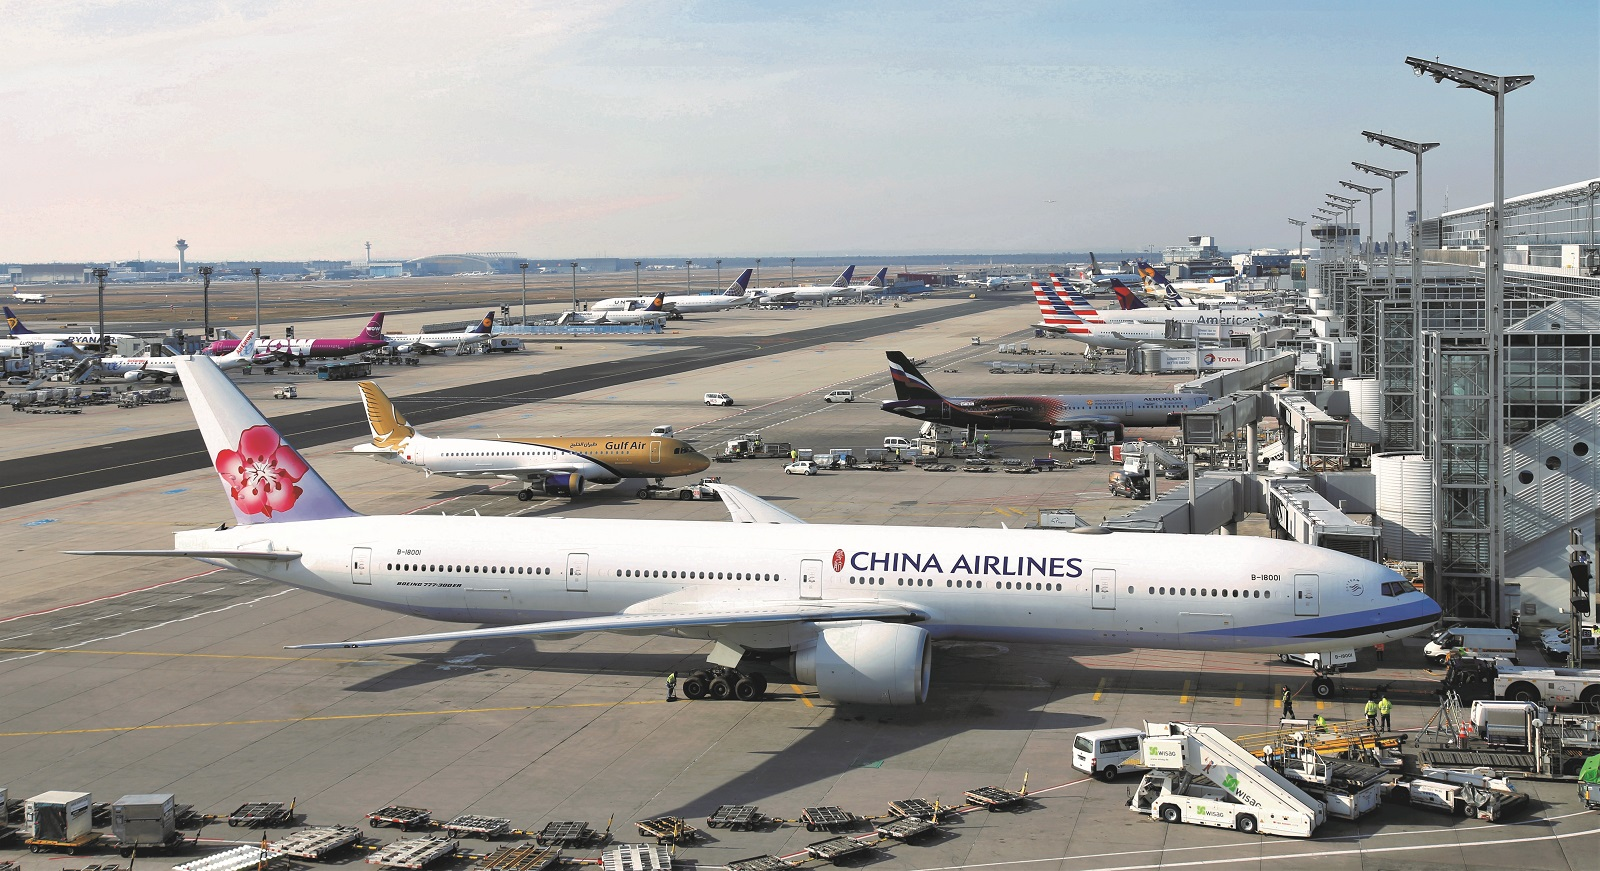 Flugzeuge vor T2